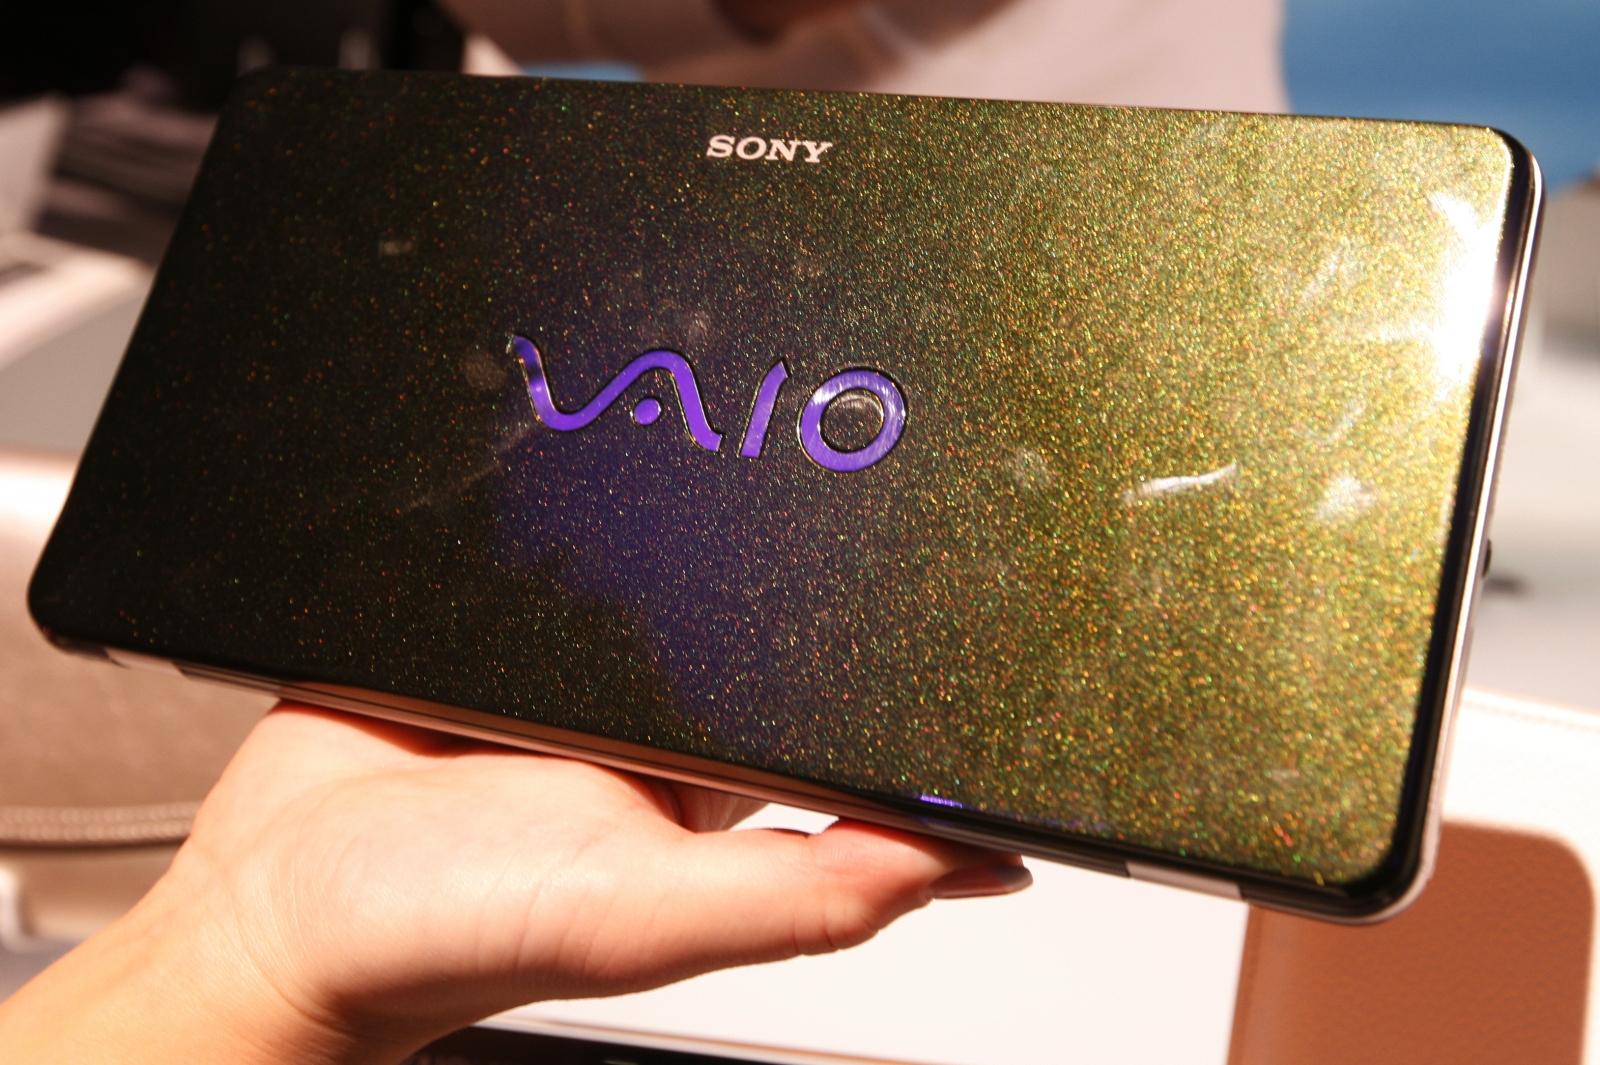 Sony recalls 1700 Panasonic battery packs